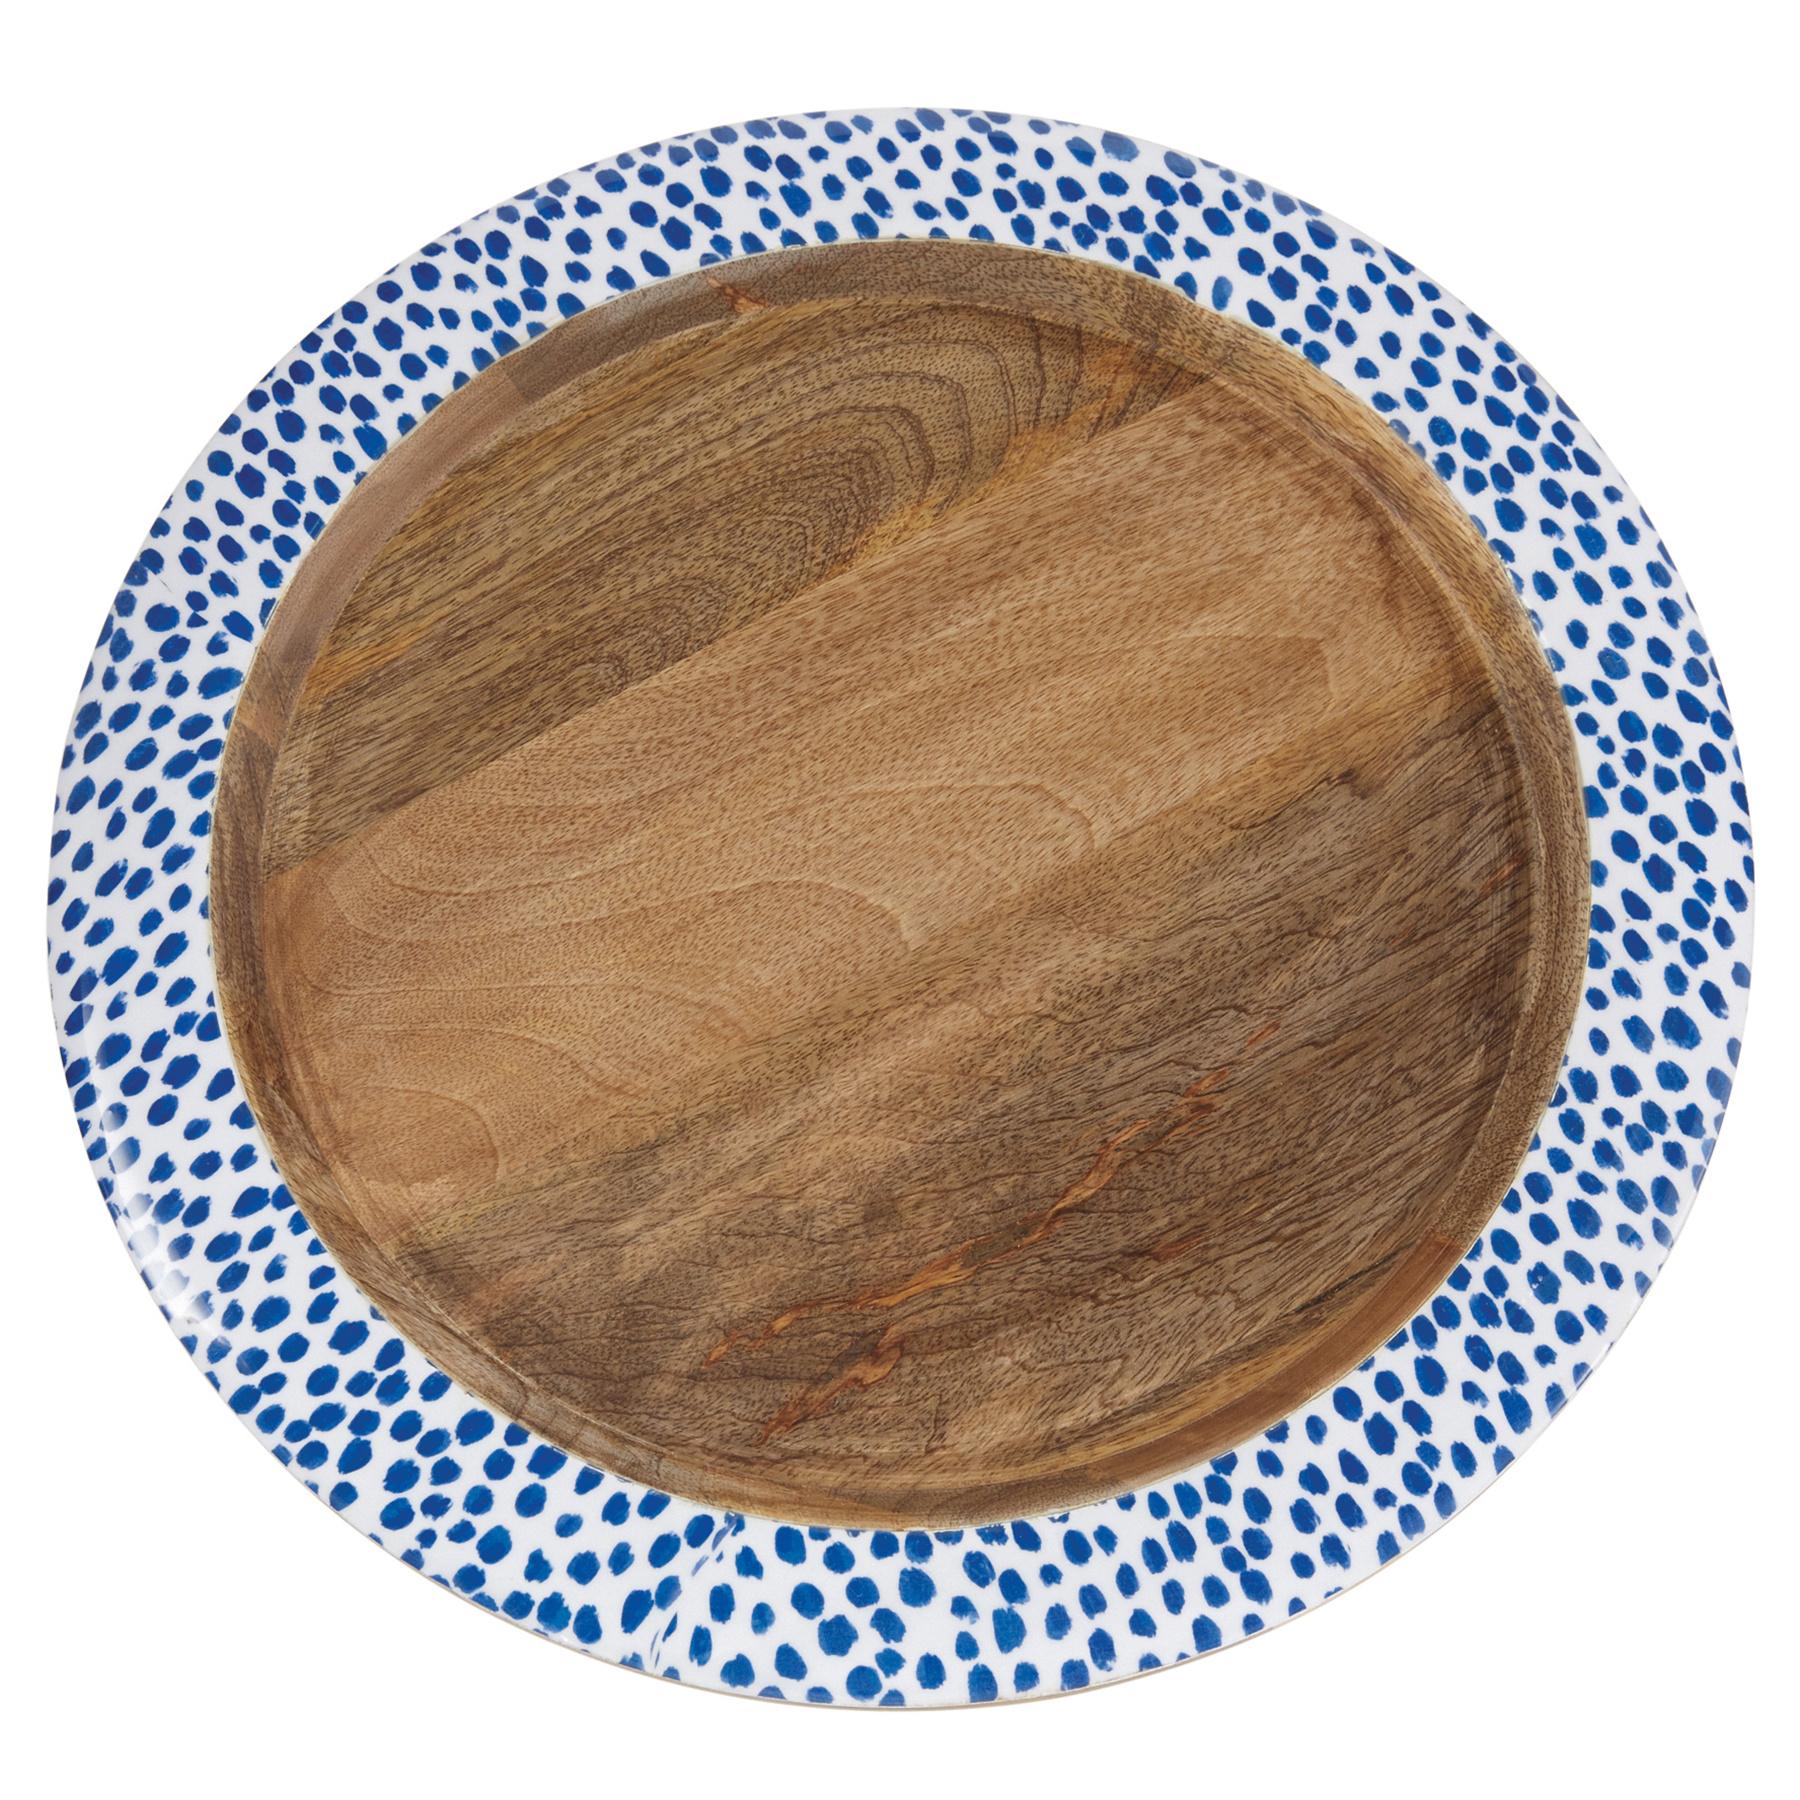 Mud Pie Indigo wood tray - large